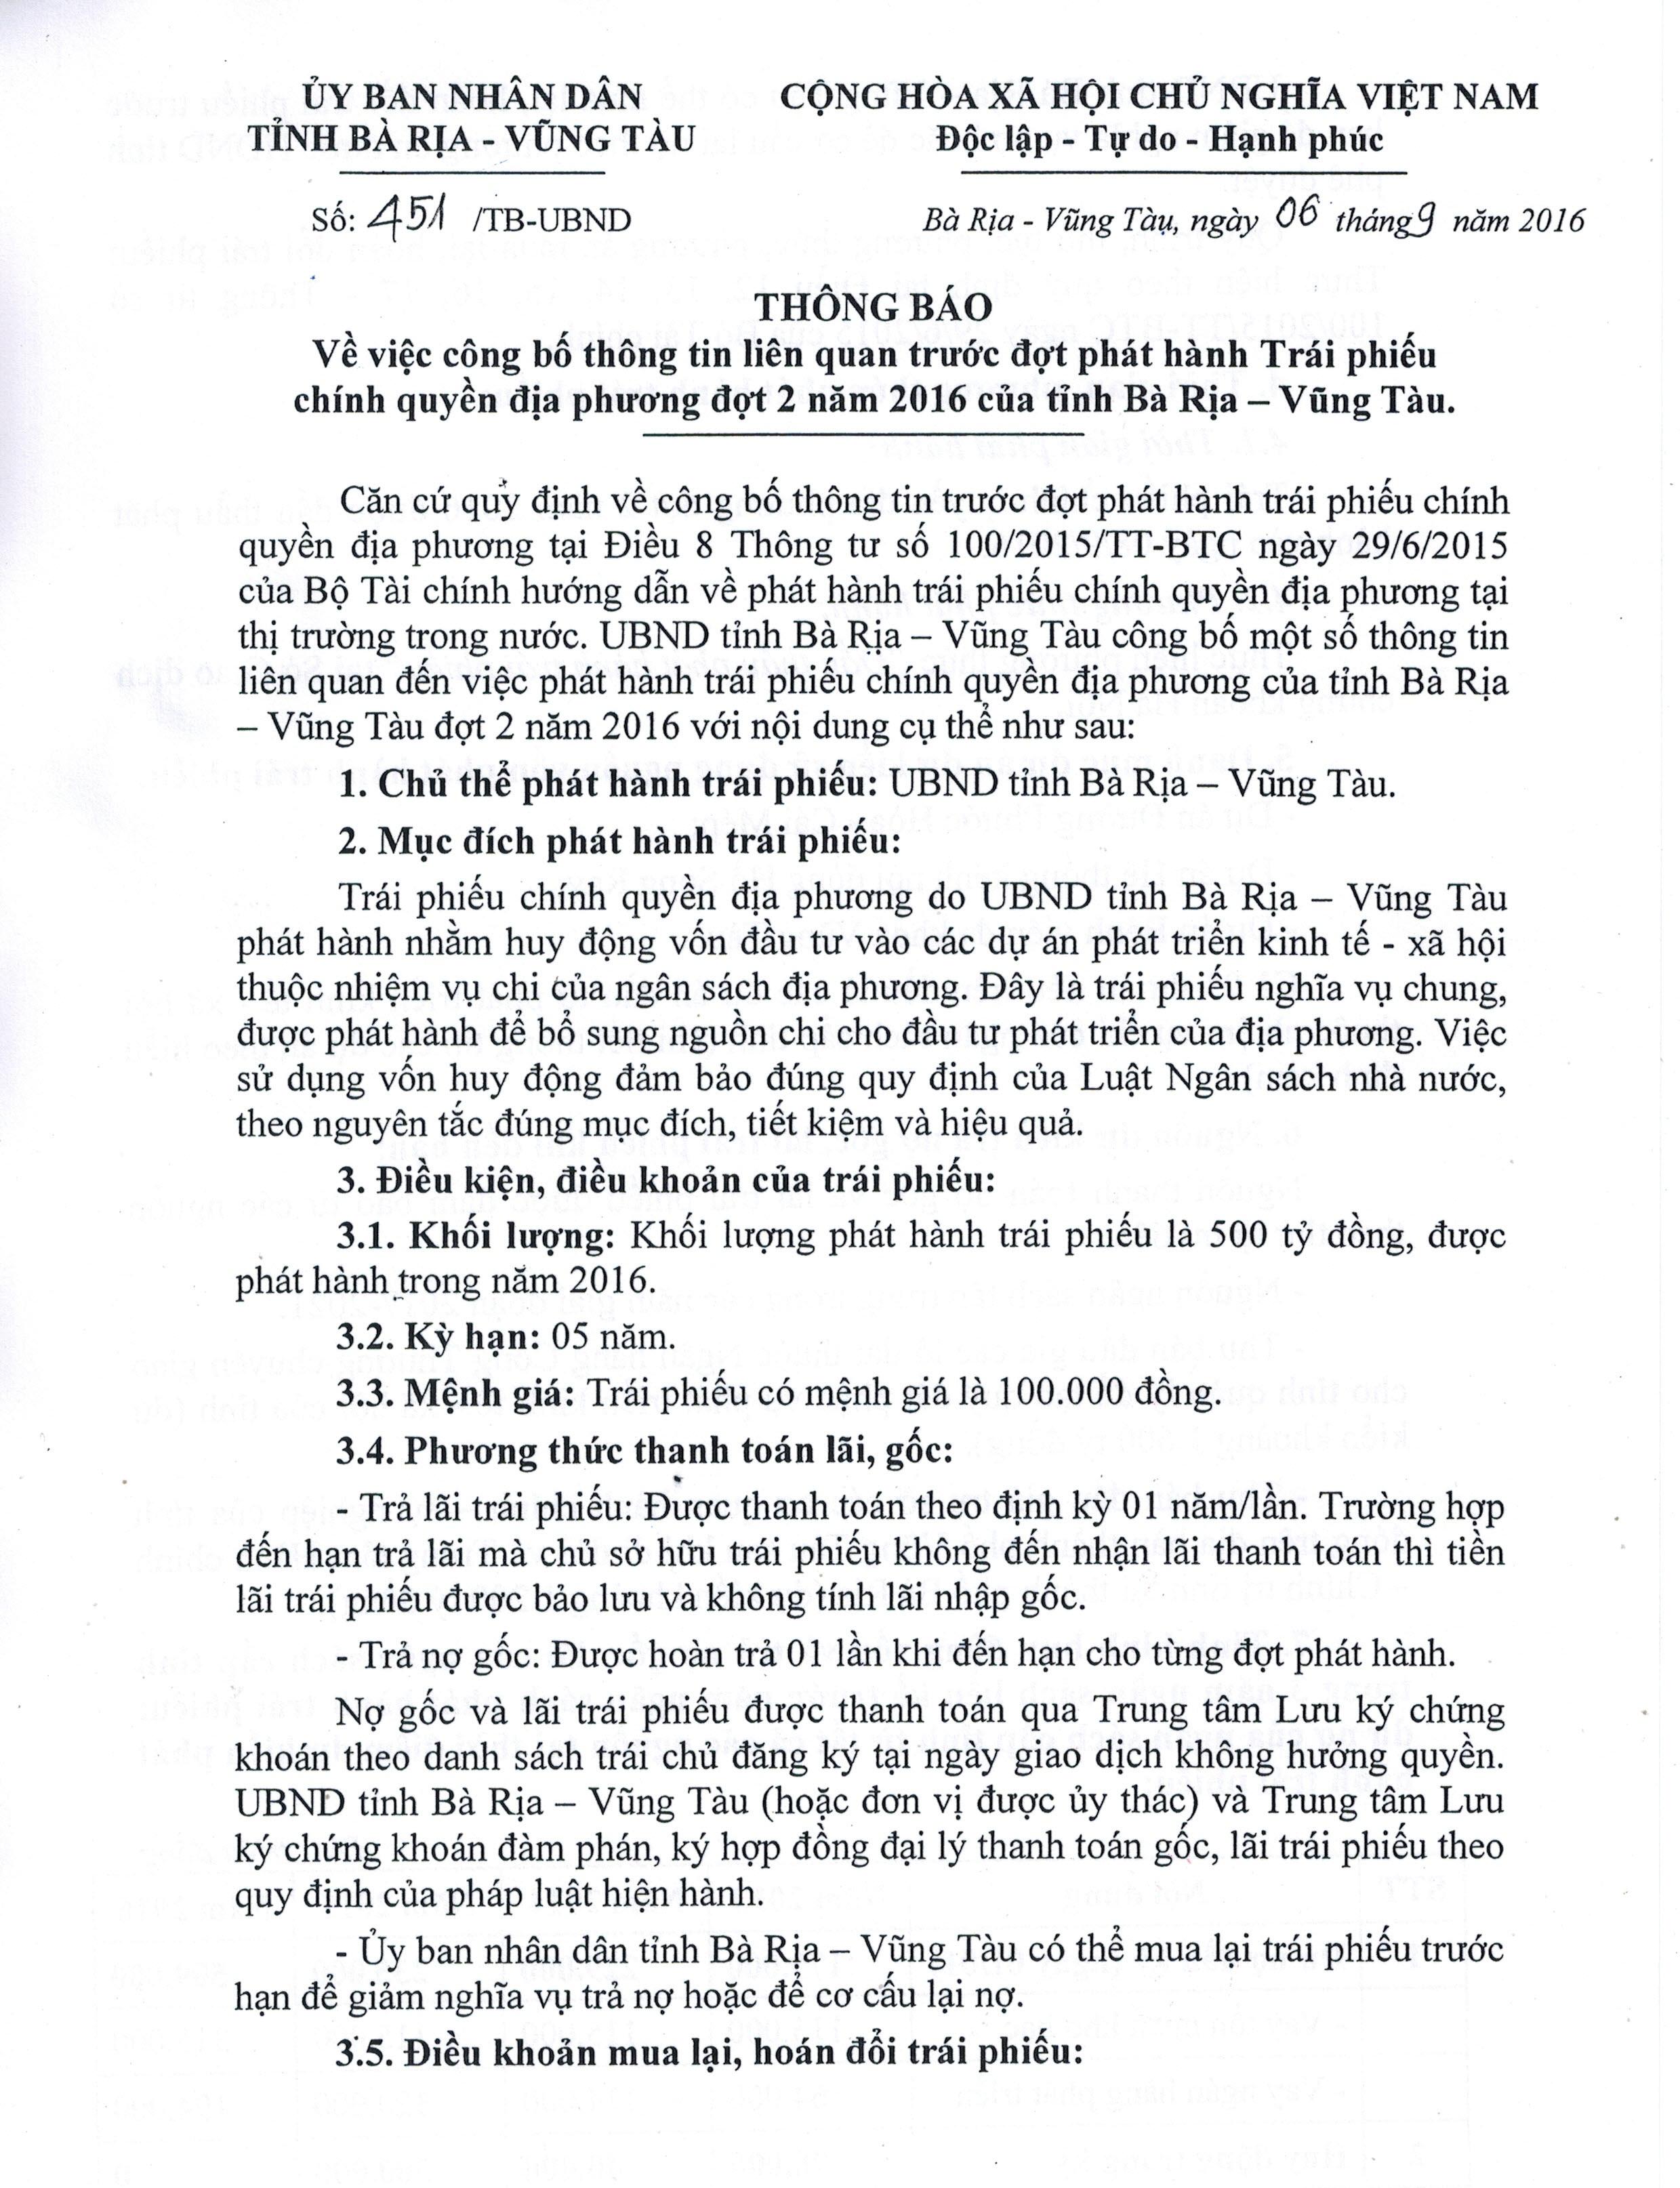 Thông báo về việc công bố thông tin liên quan trước đợt phát hành Trái phiếu chính quyền địa phương đợt 2 năm 2016 của tỉnh Bà Rịa – Vũng Tàu